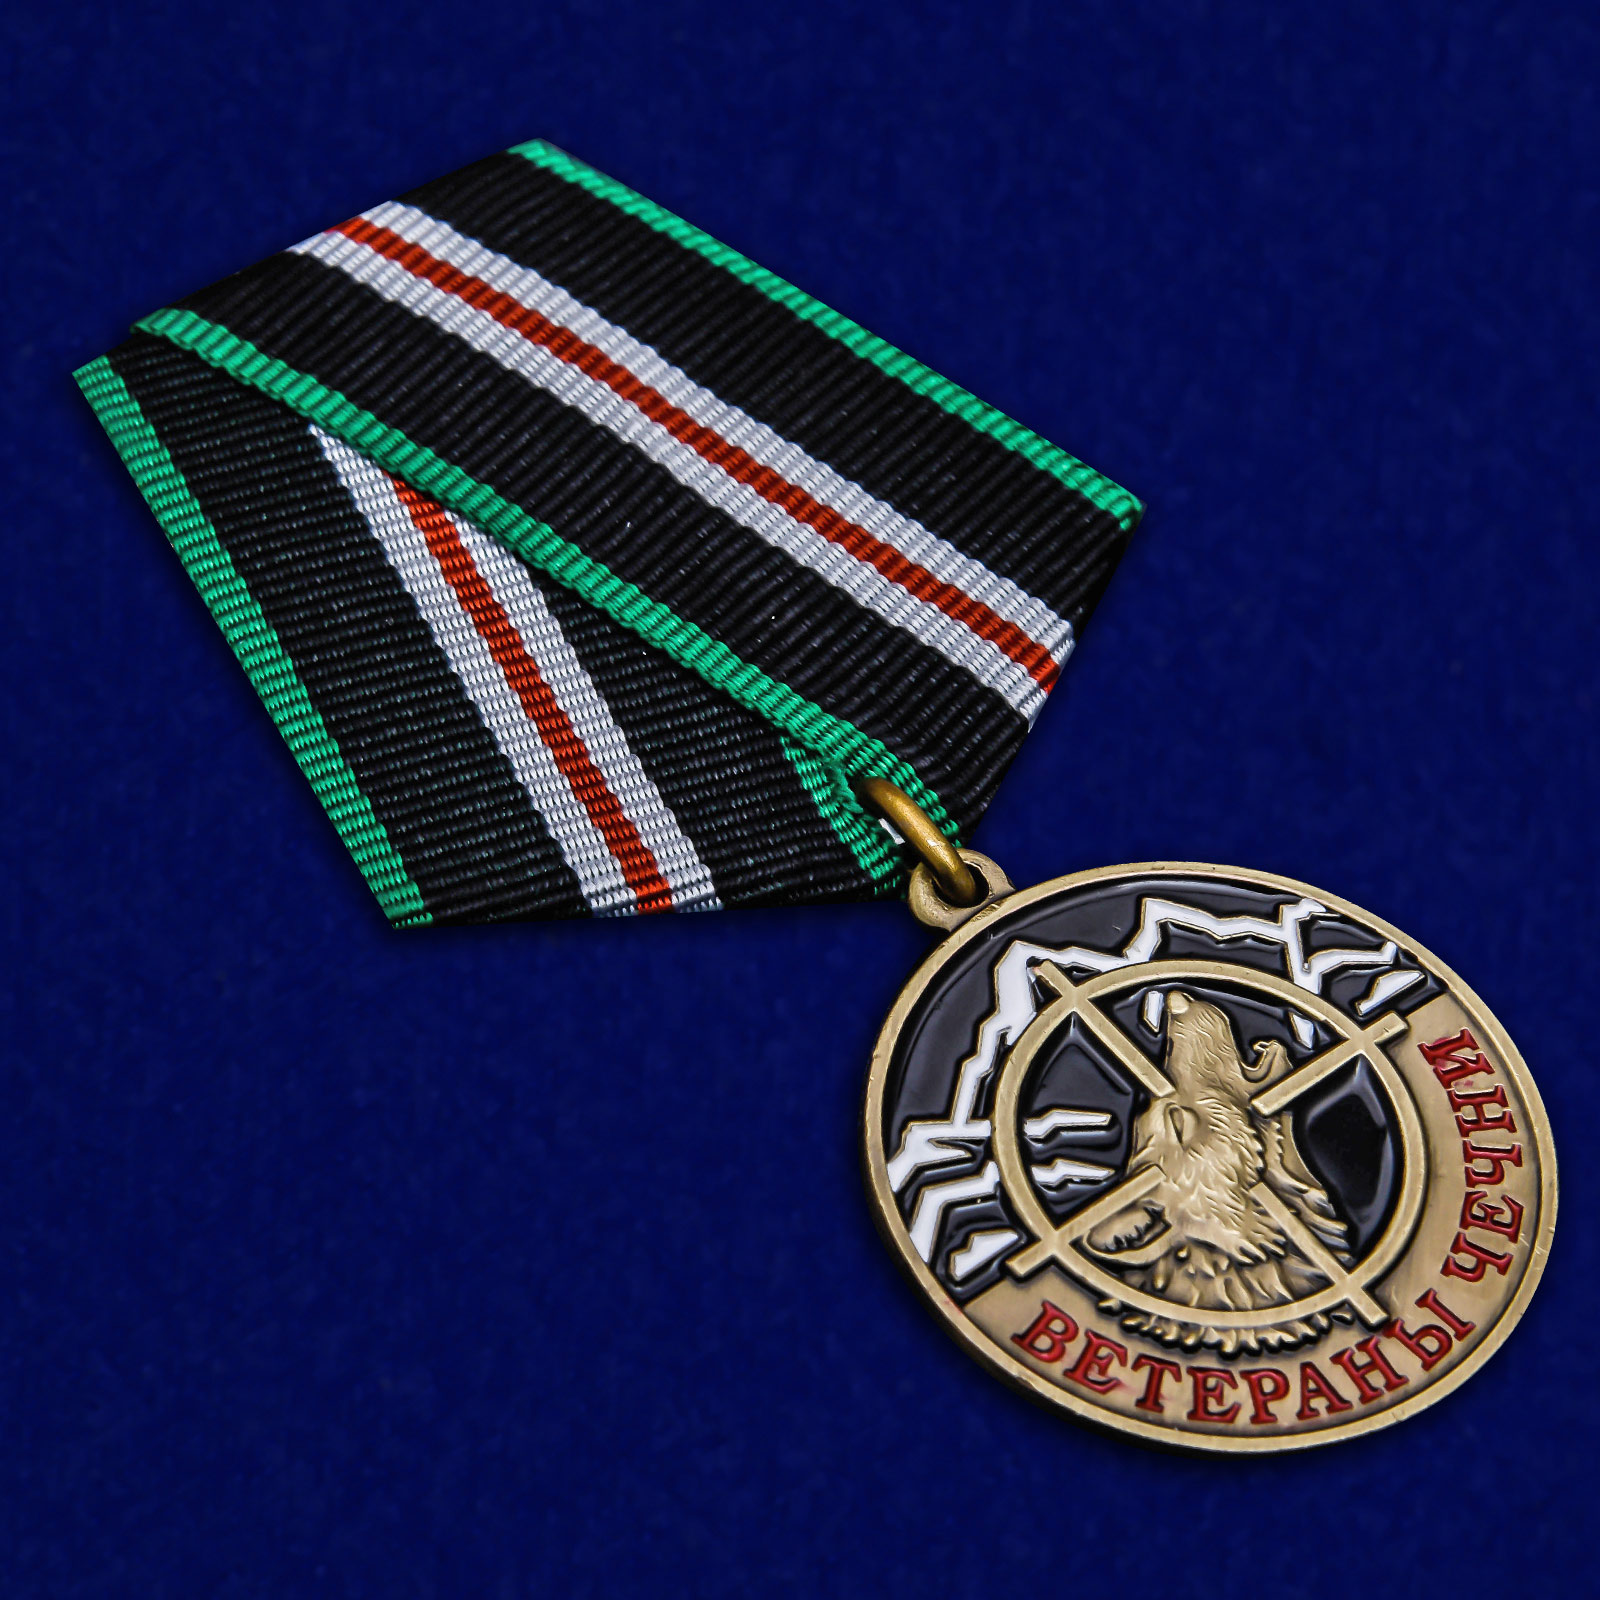 Памятная медаль Ветераны Чечни - общий вид